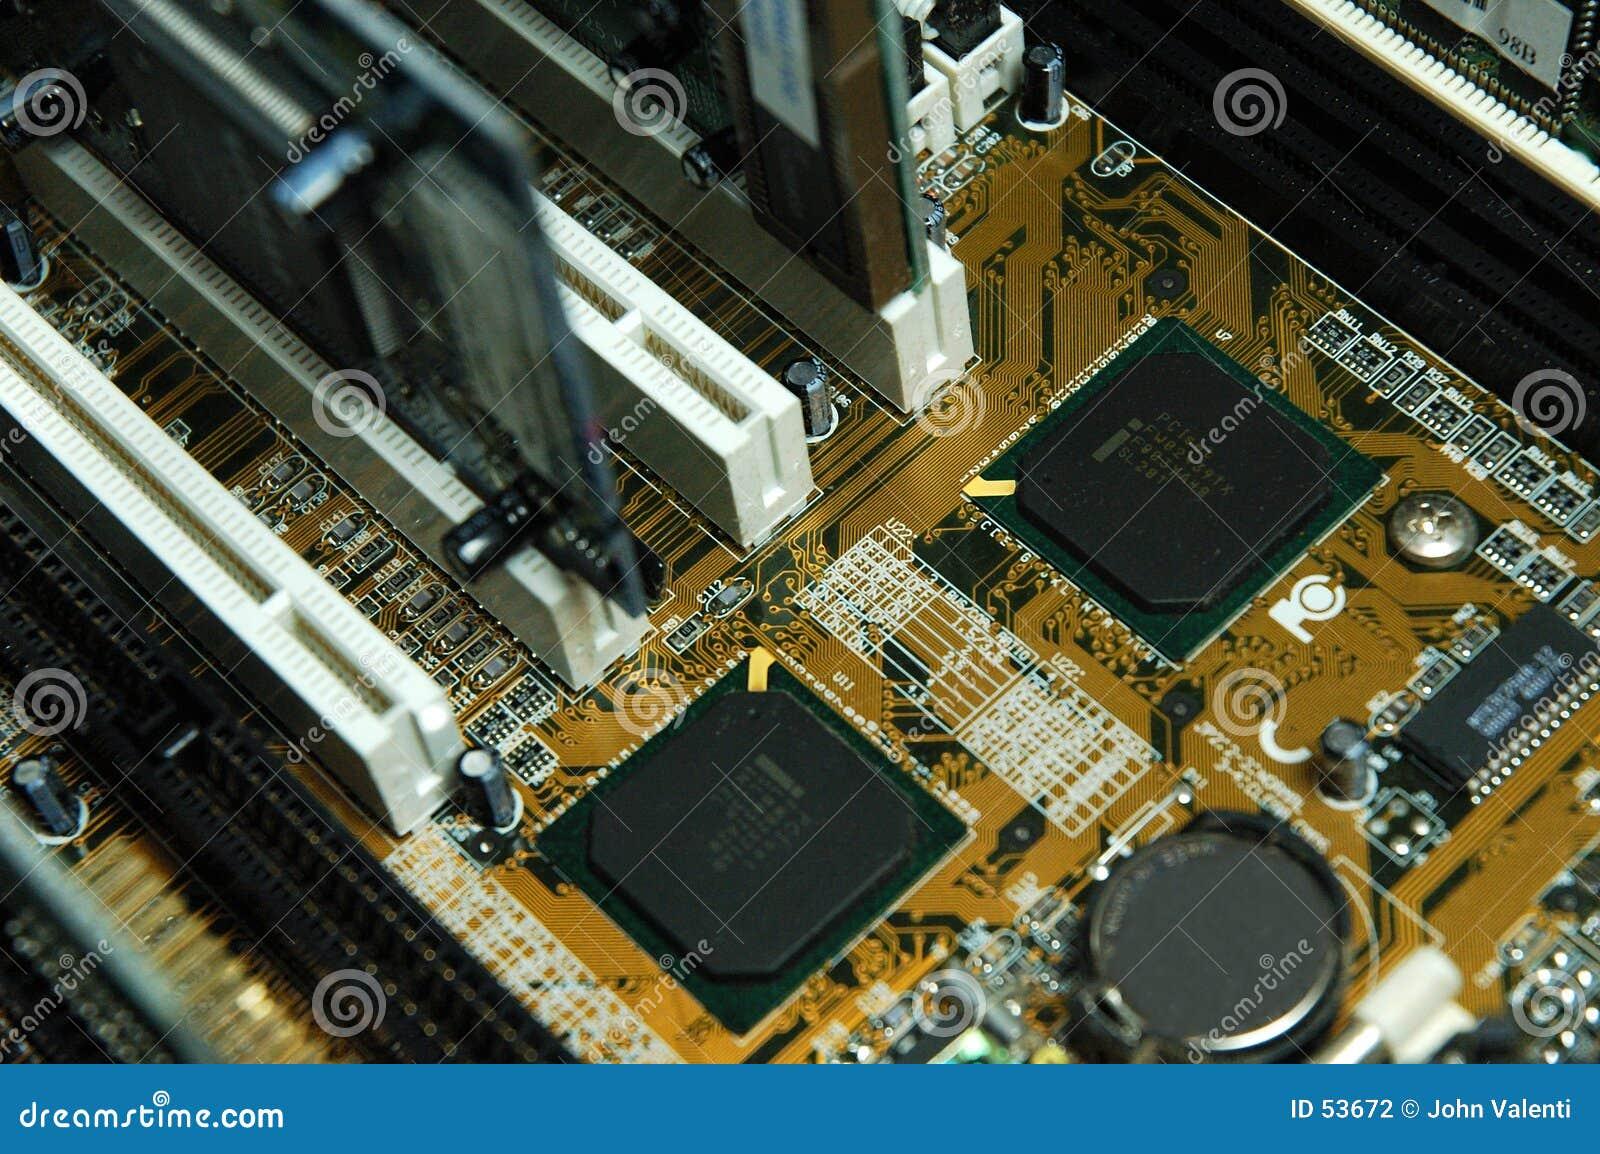 Circuits PCen